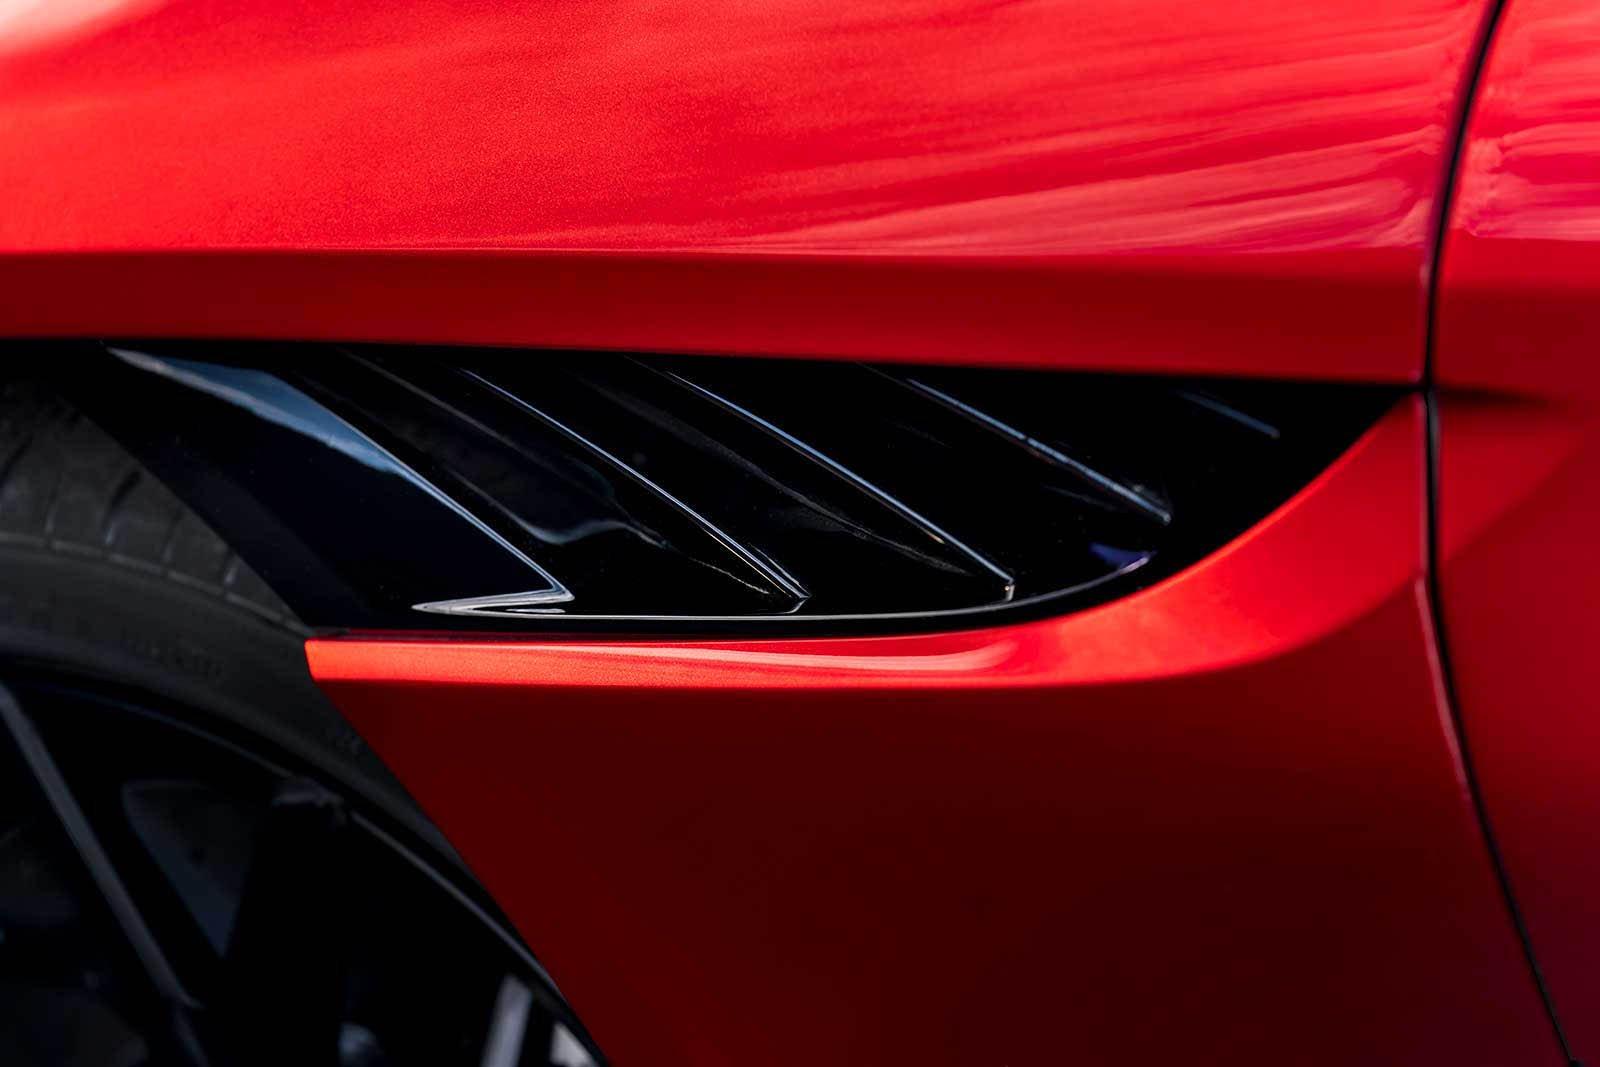 Aston Martin DBS Superleggera 2019 (24)